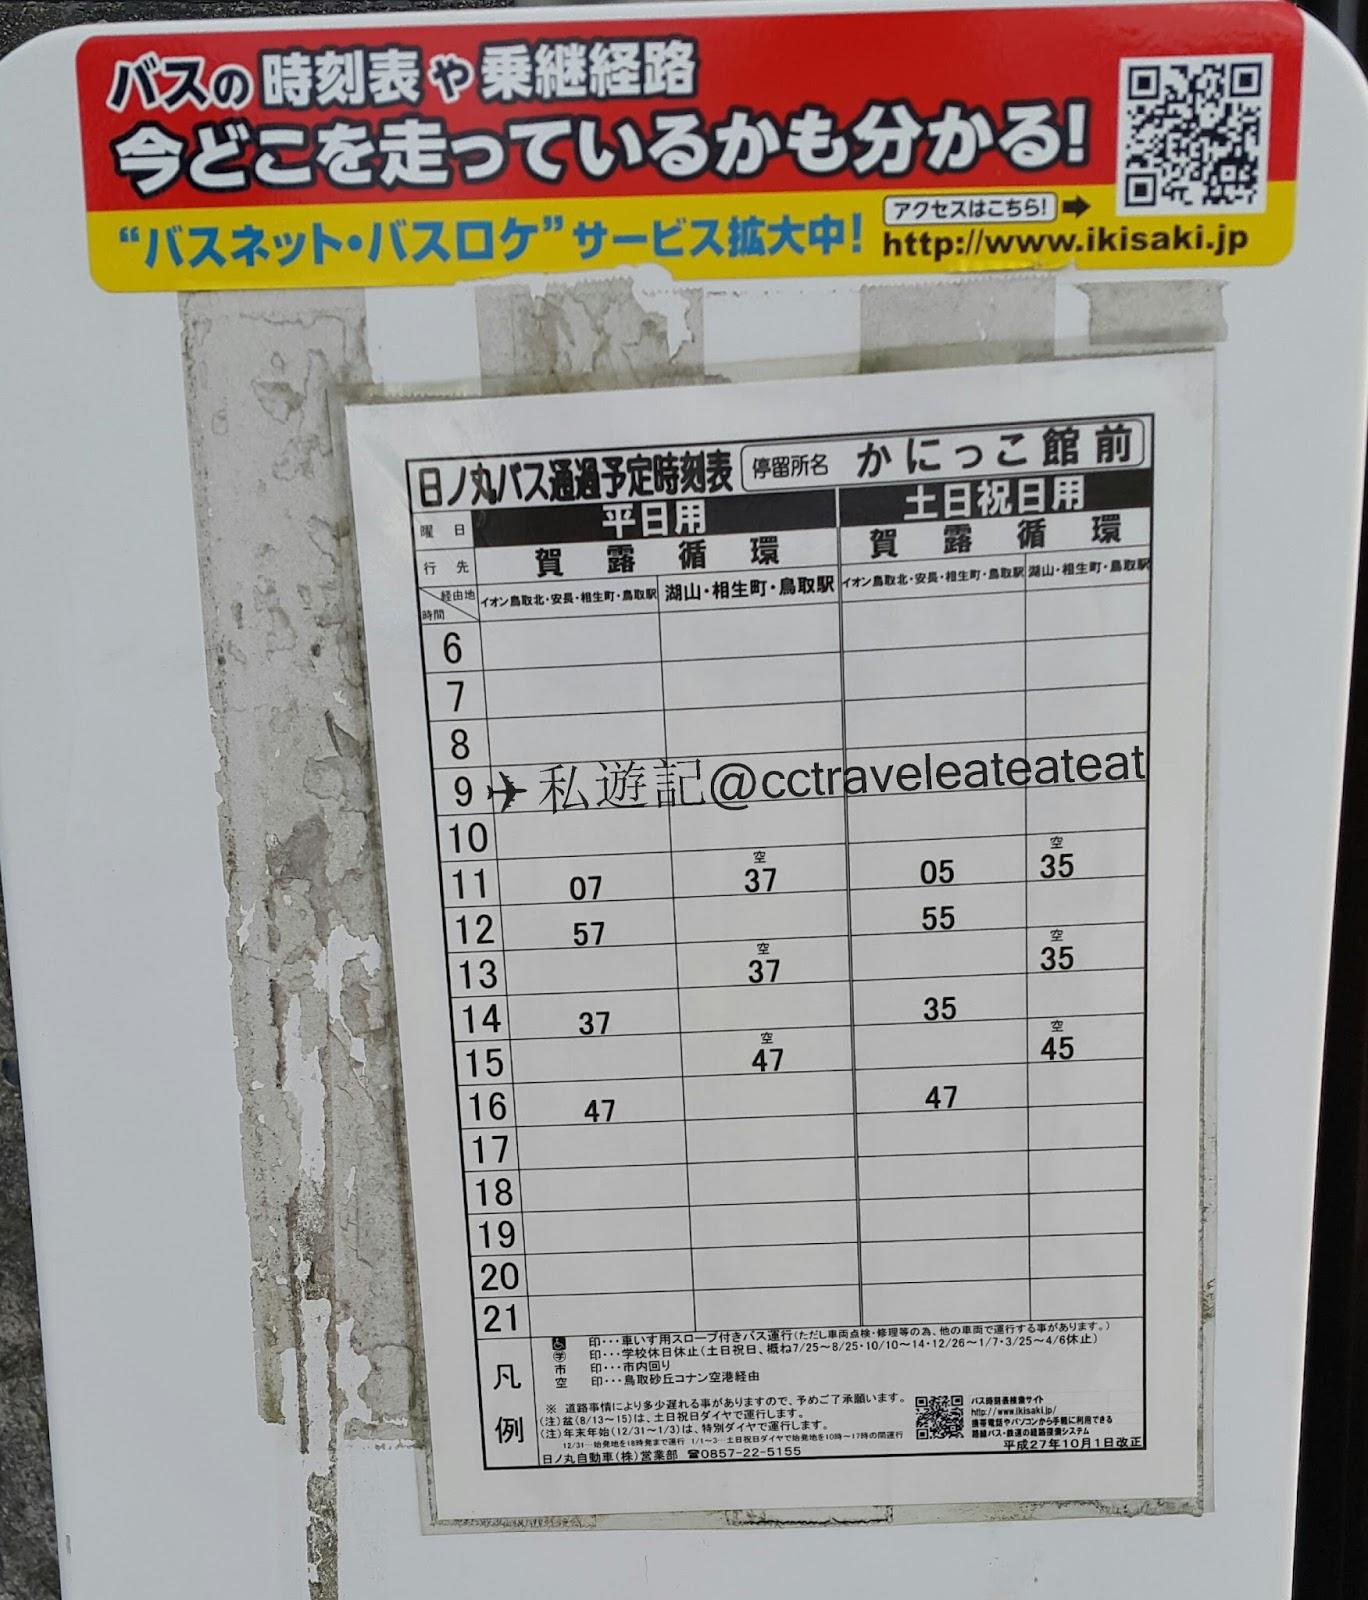 表 鳥取 空港 時刻 時刻表 上り(倉吉・鳥取・智頭→上郡・京都・岡山)